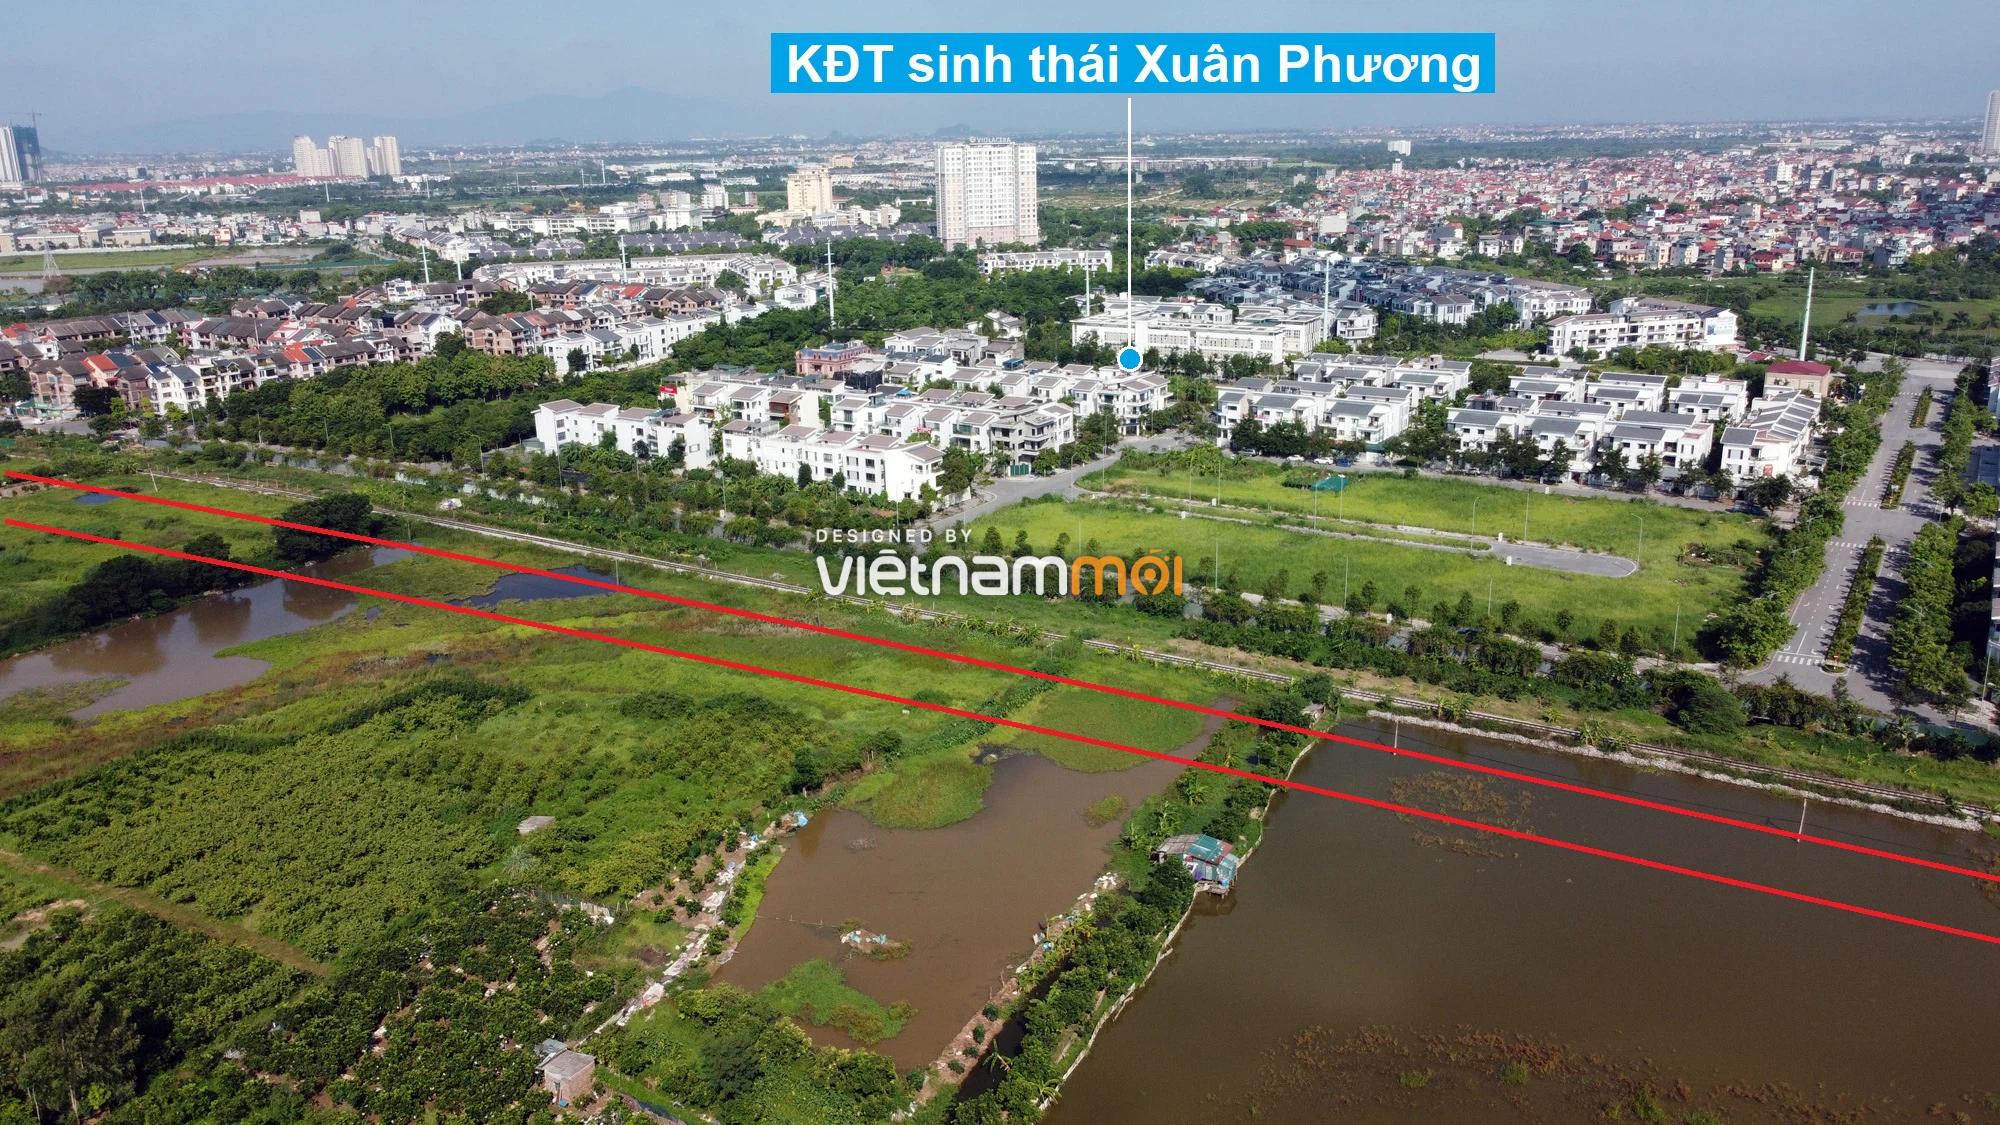 Những khu đất sắp thu hồi để mở đường ở phường Xuân Phương, Nam Từ Liêm, Hà Nội (phần 6) - Ảnh 8.